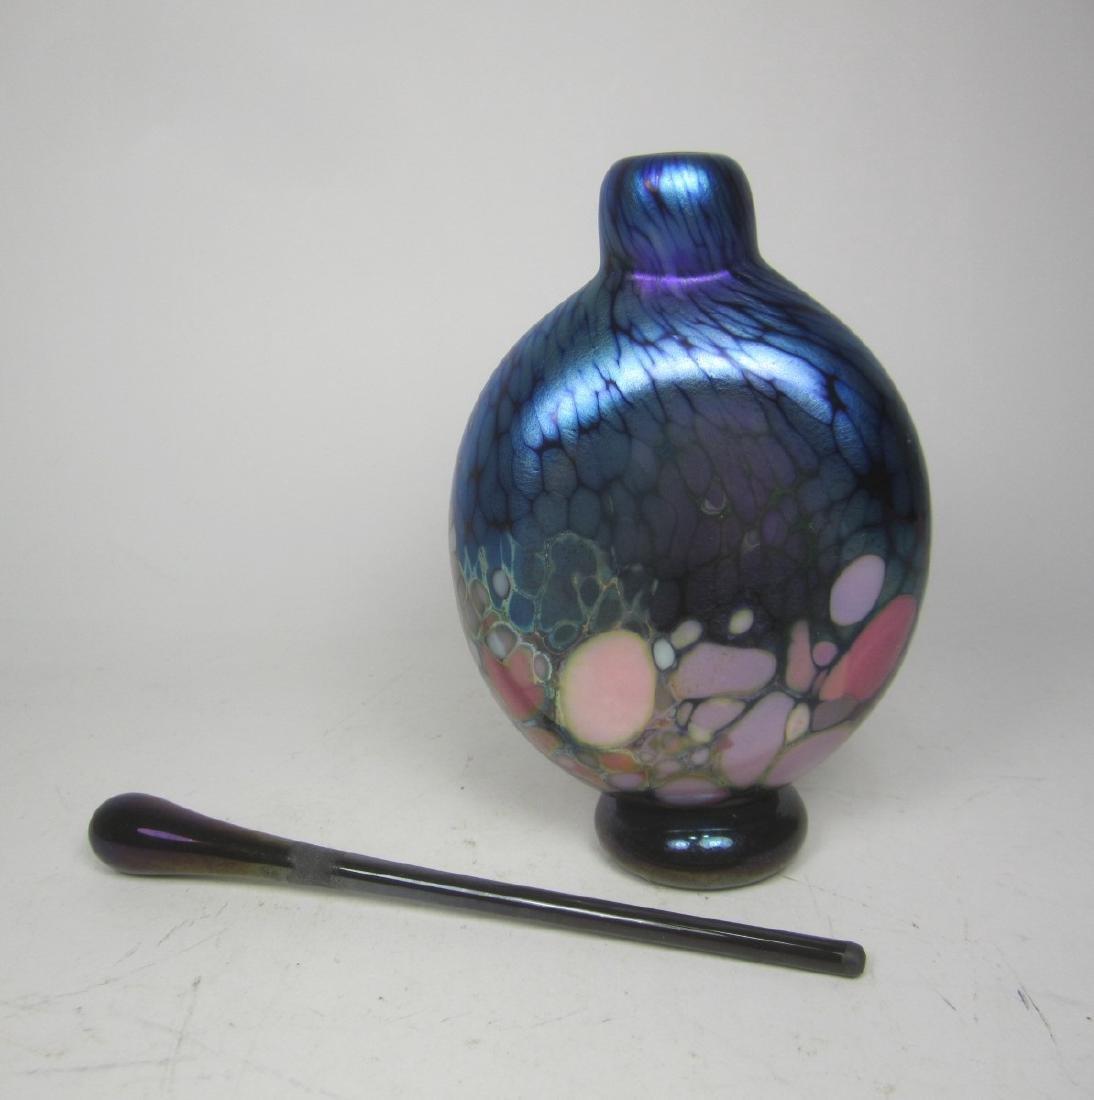 STUDIO ART GLASS CASED PERFUME BOTTLE (SIGNED) - 5